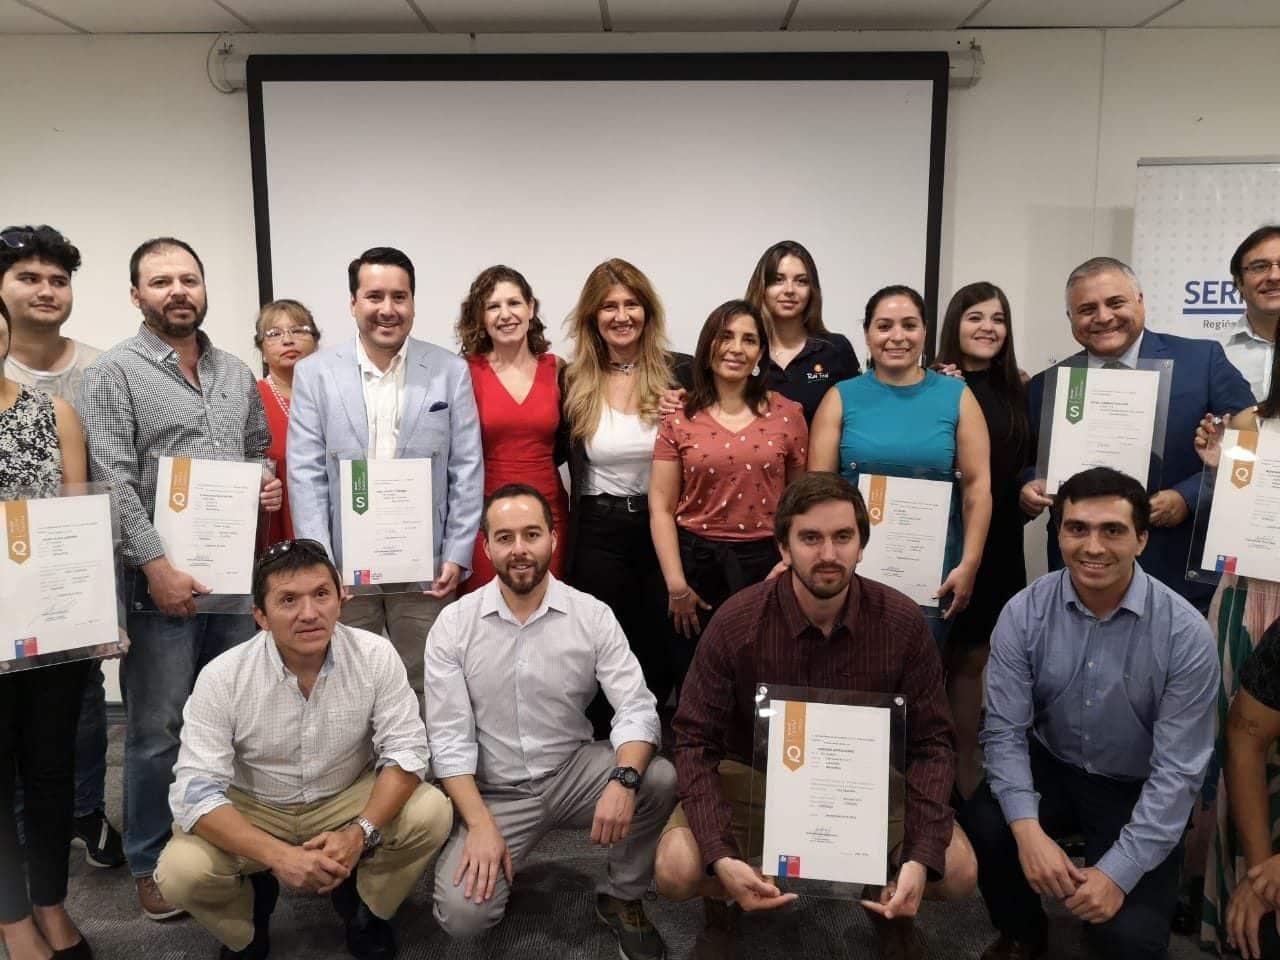 Sernatur distingue a empresarios turísticos de la Región Metropolitana por su compromiso con la calidad y sustentabilidad